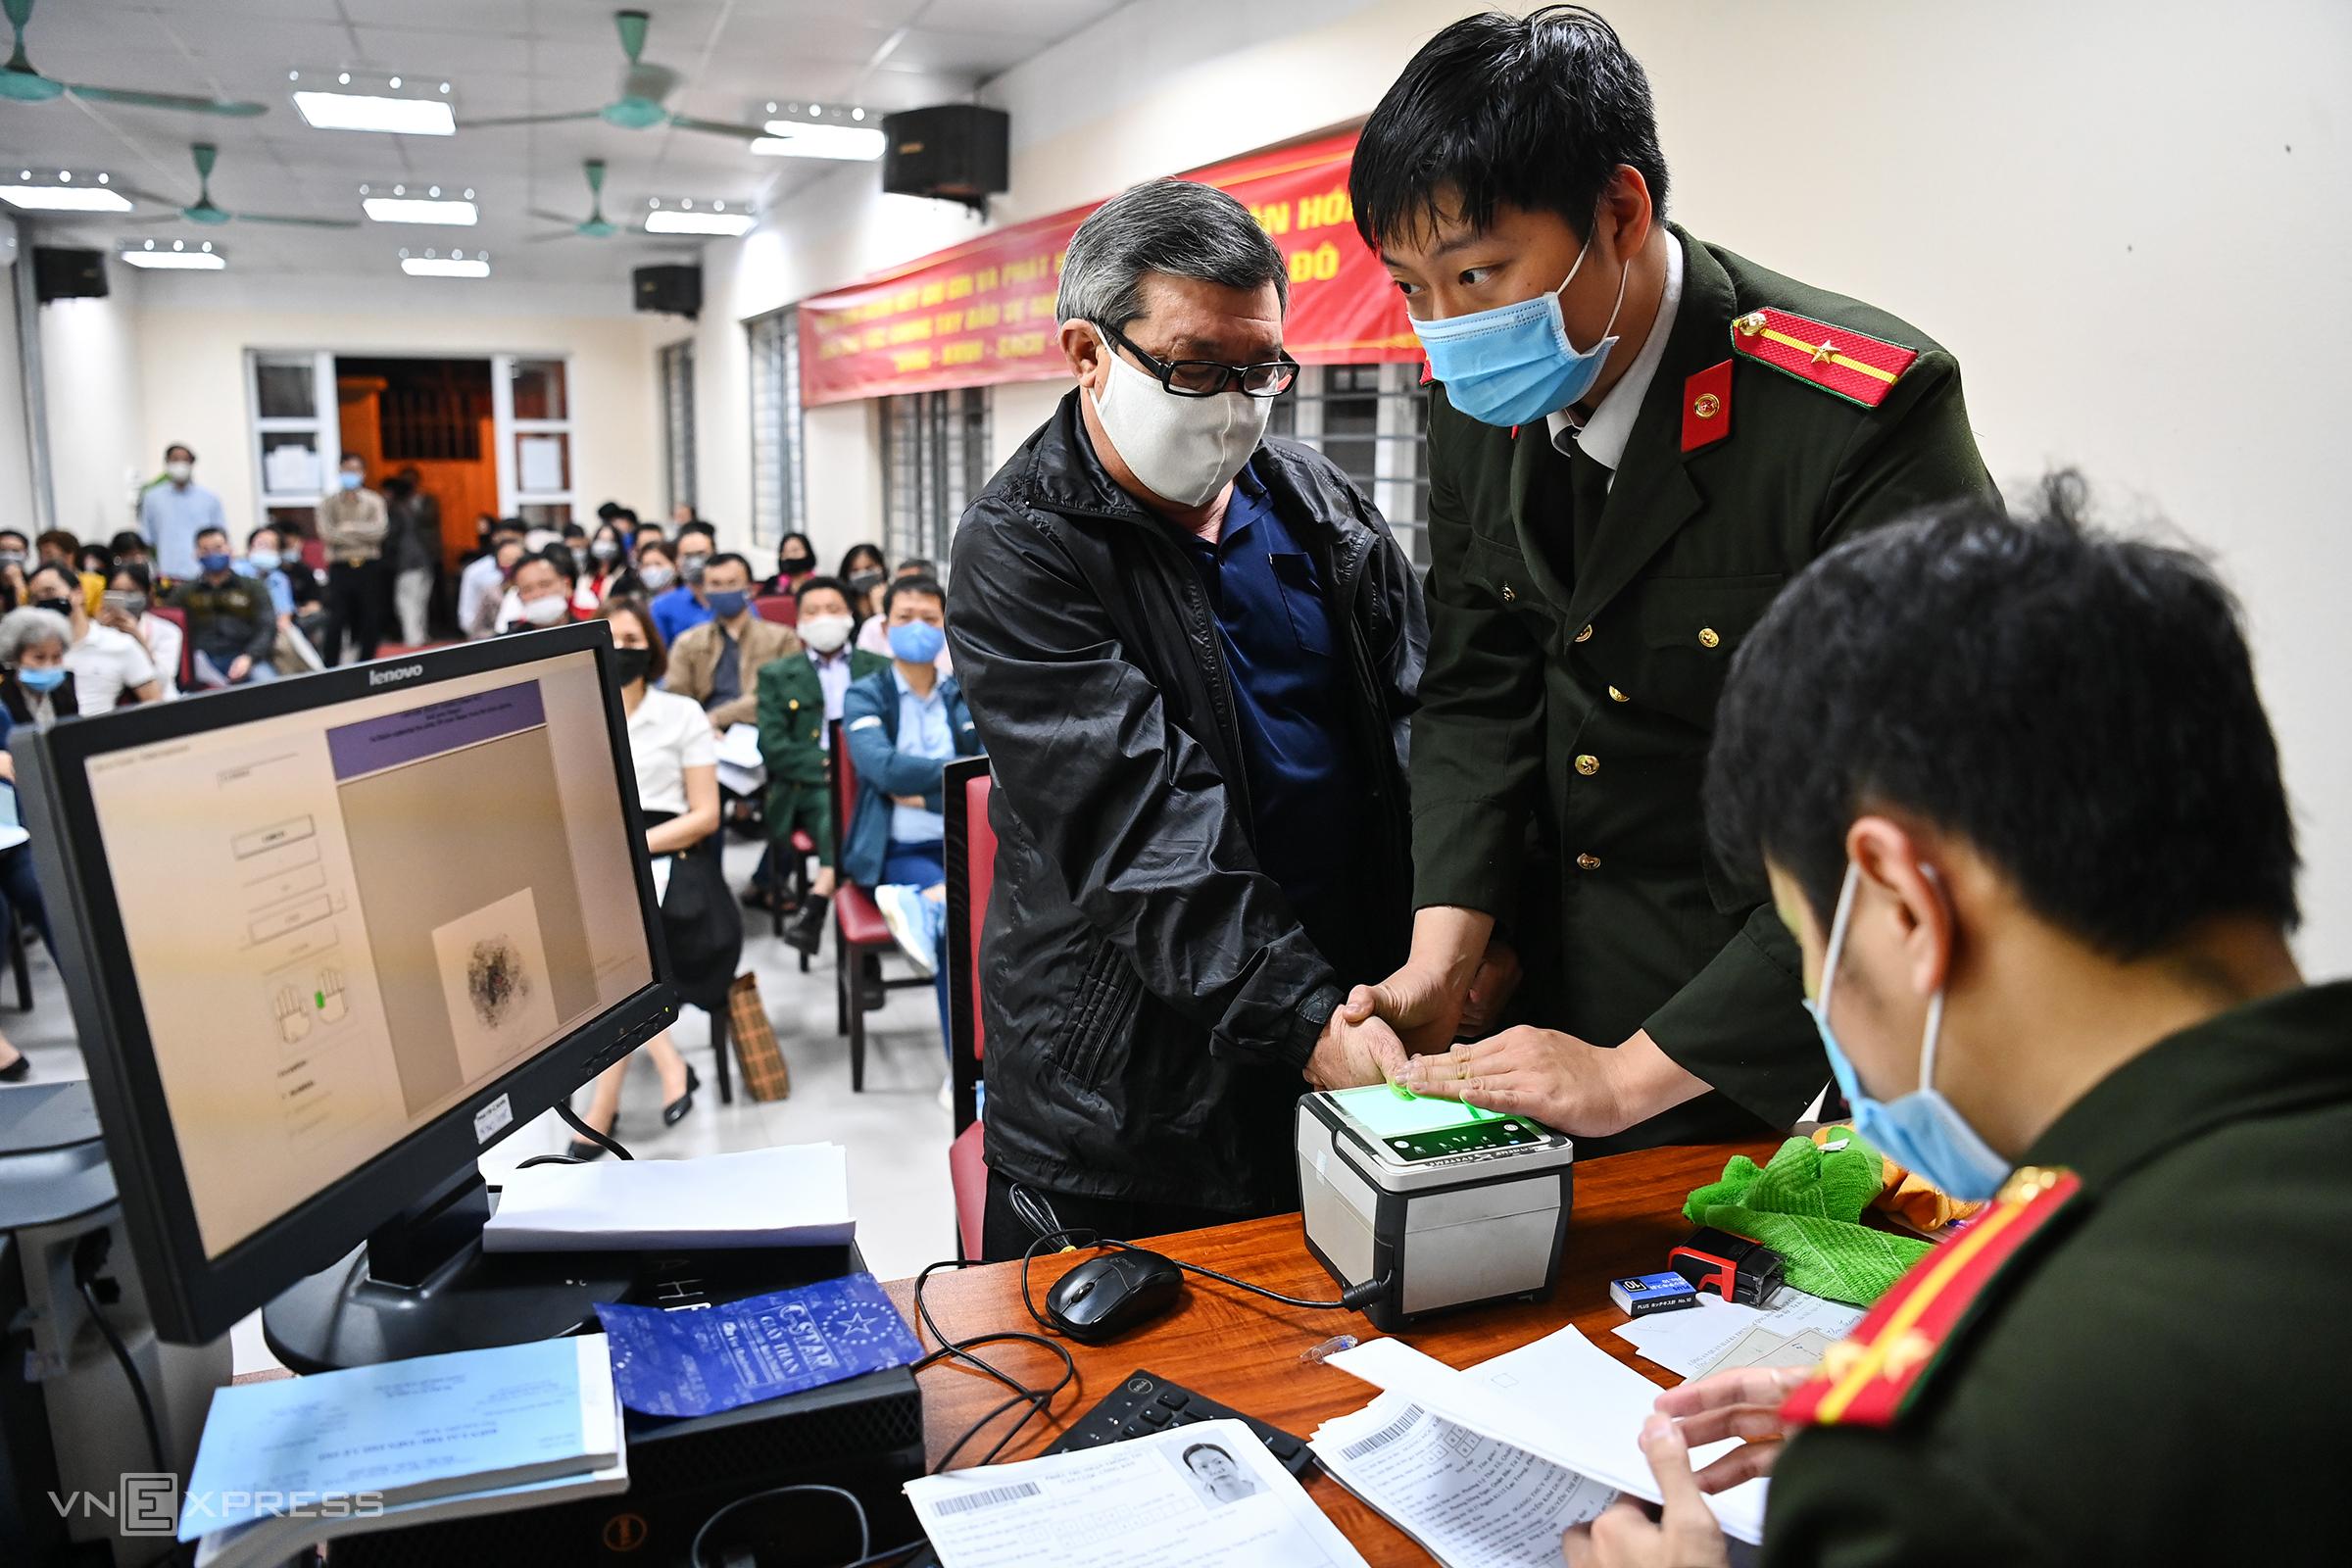 Công an quận Hai Bà Trưng, Hà Nội thu nhận hồ sơ cấp căn cước xuyên đêm cho người dân. Ảnh: Giang Huy